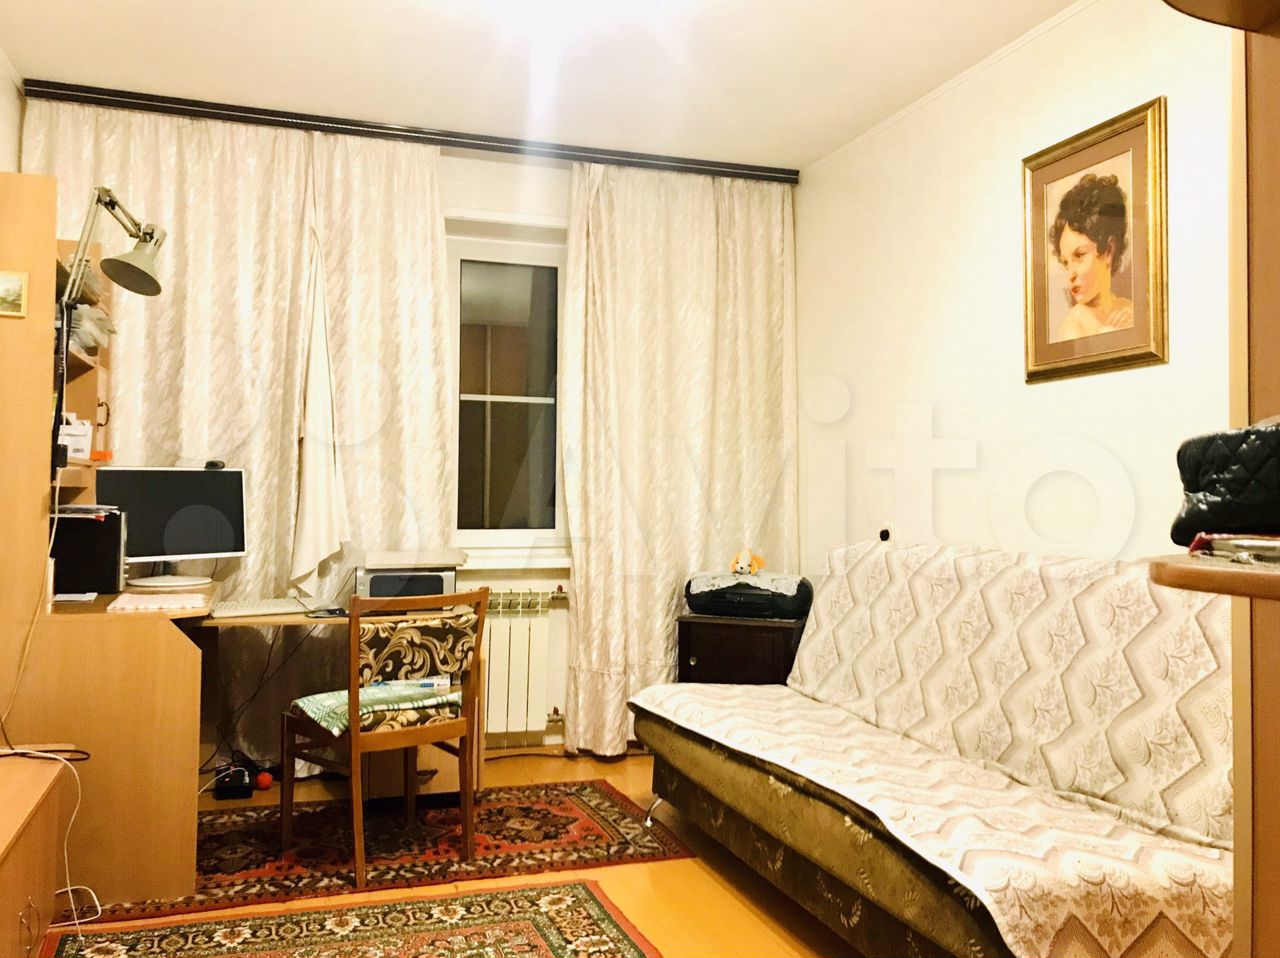 3-к квартира, 65.8 м², 6/9 эт.  89145446986 купить 4